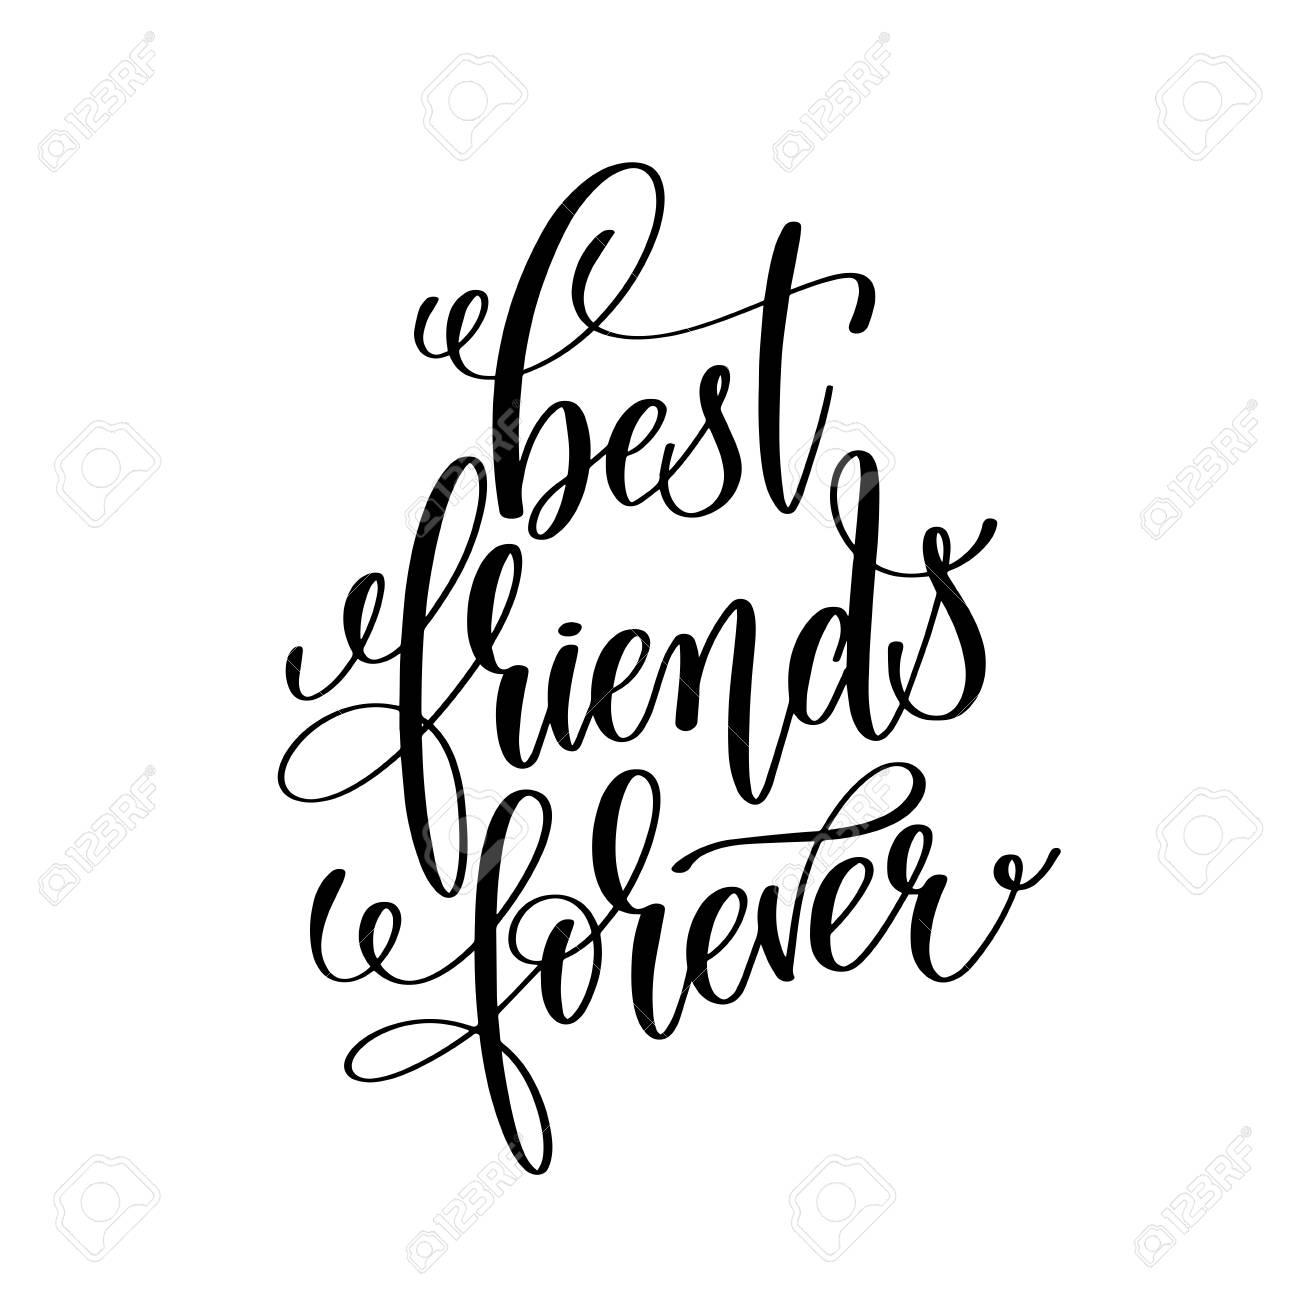 best friends forever black and white handwritten lettering.